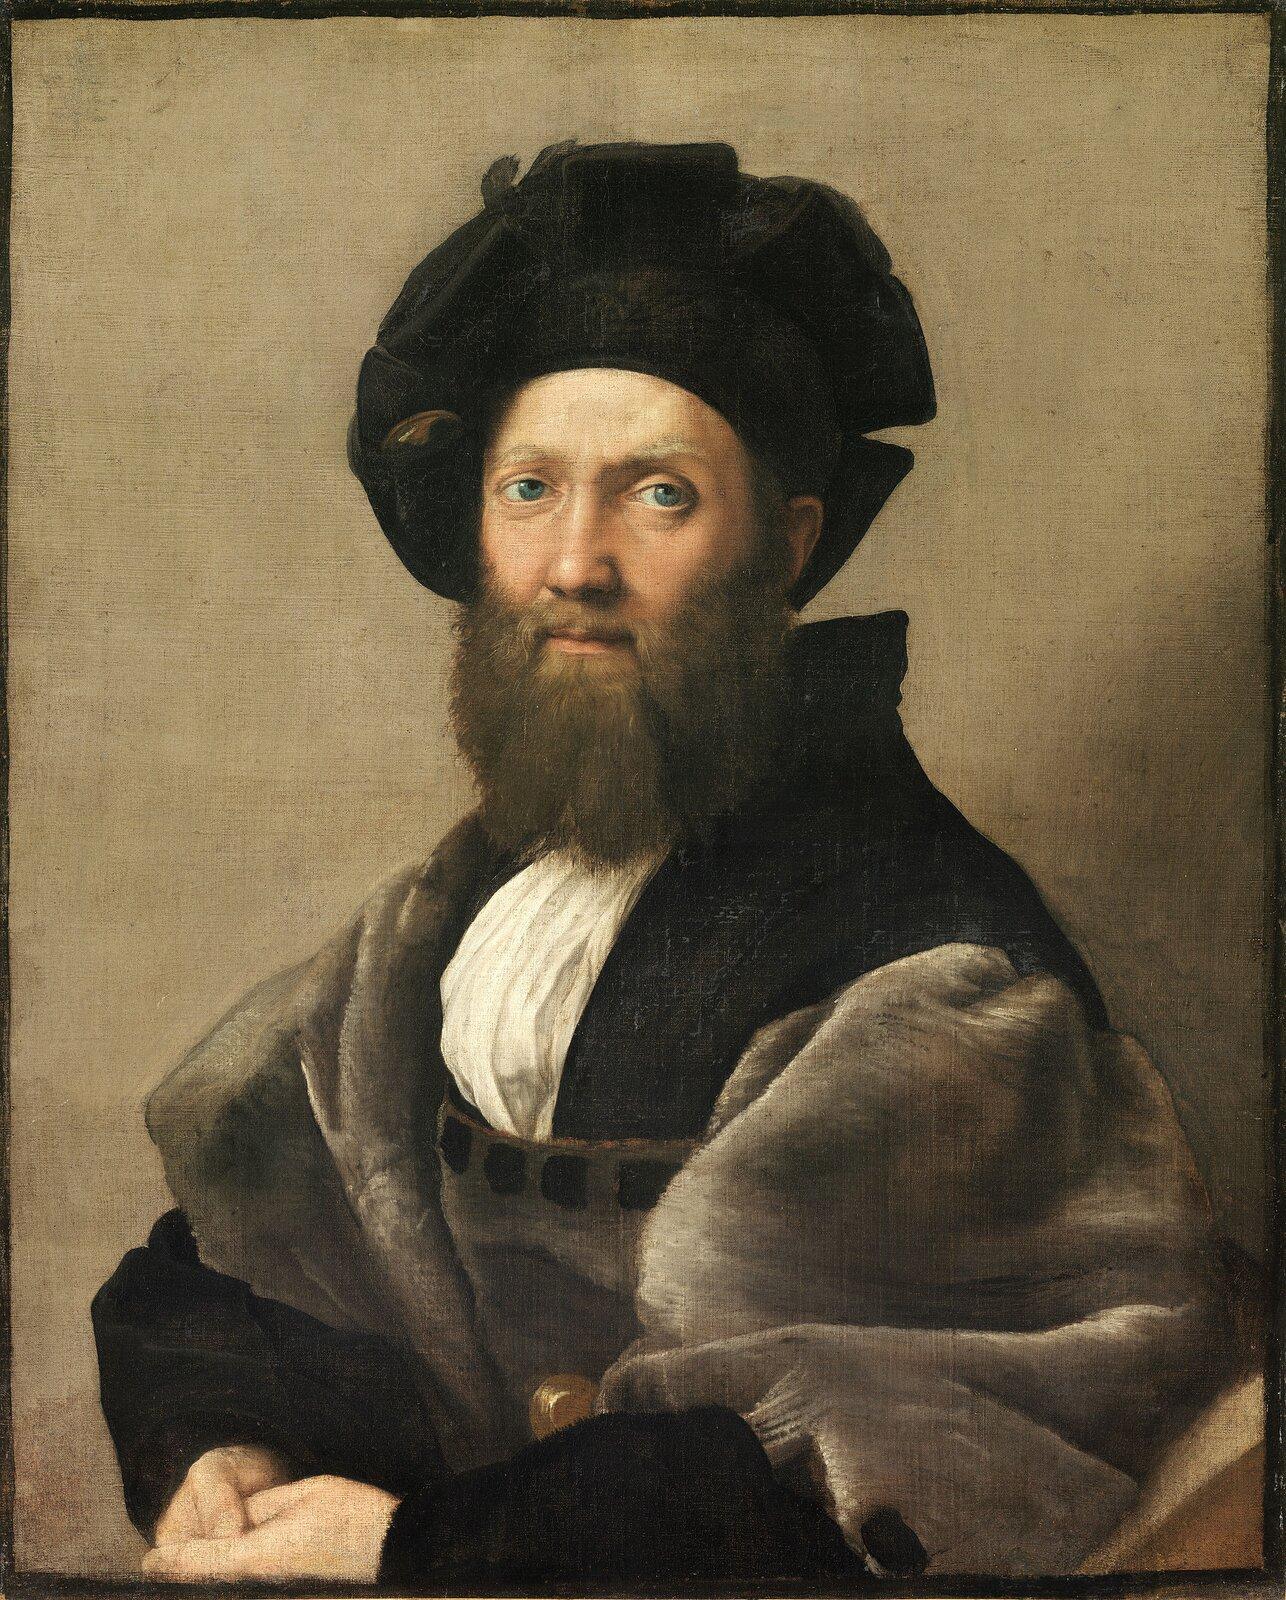 Castiglione Źródło: Rafael Santi, Castiglione, 1514–1515, olej na płótnie, Muzeum Luwr, domena publiczna.